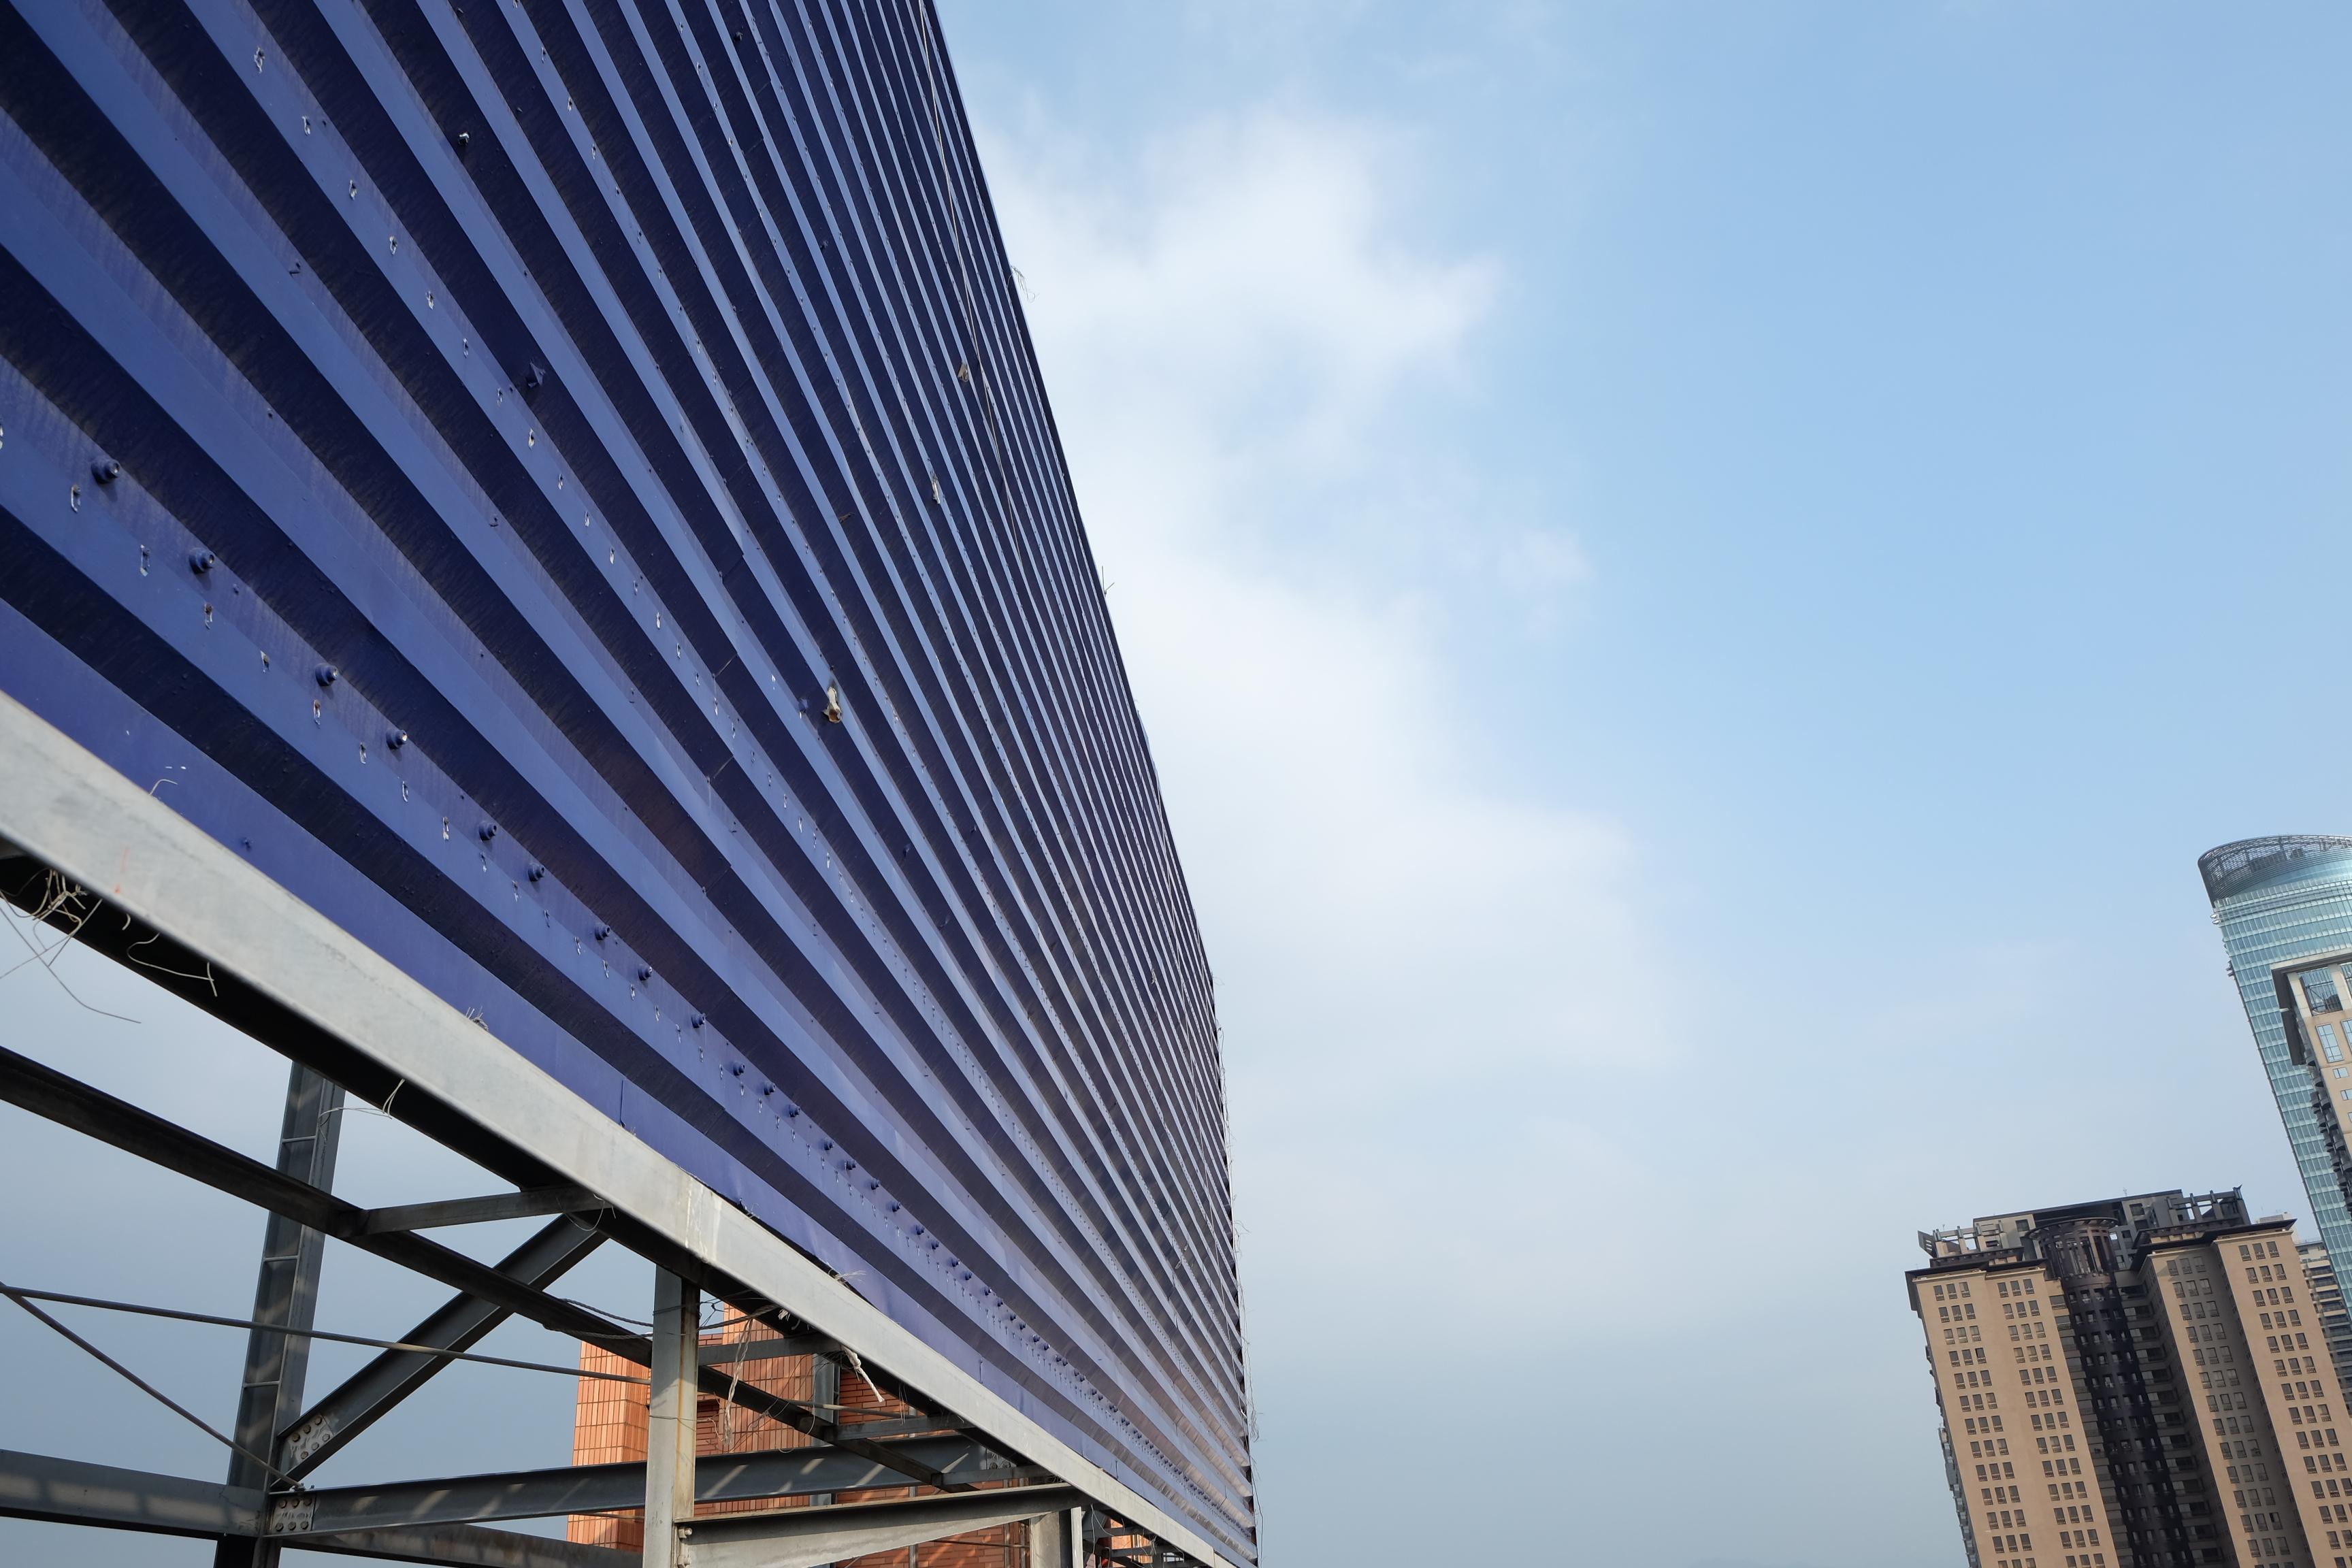 頂樓廣告鋼架